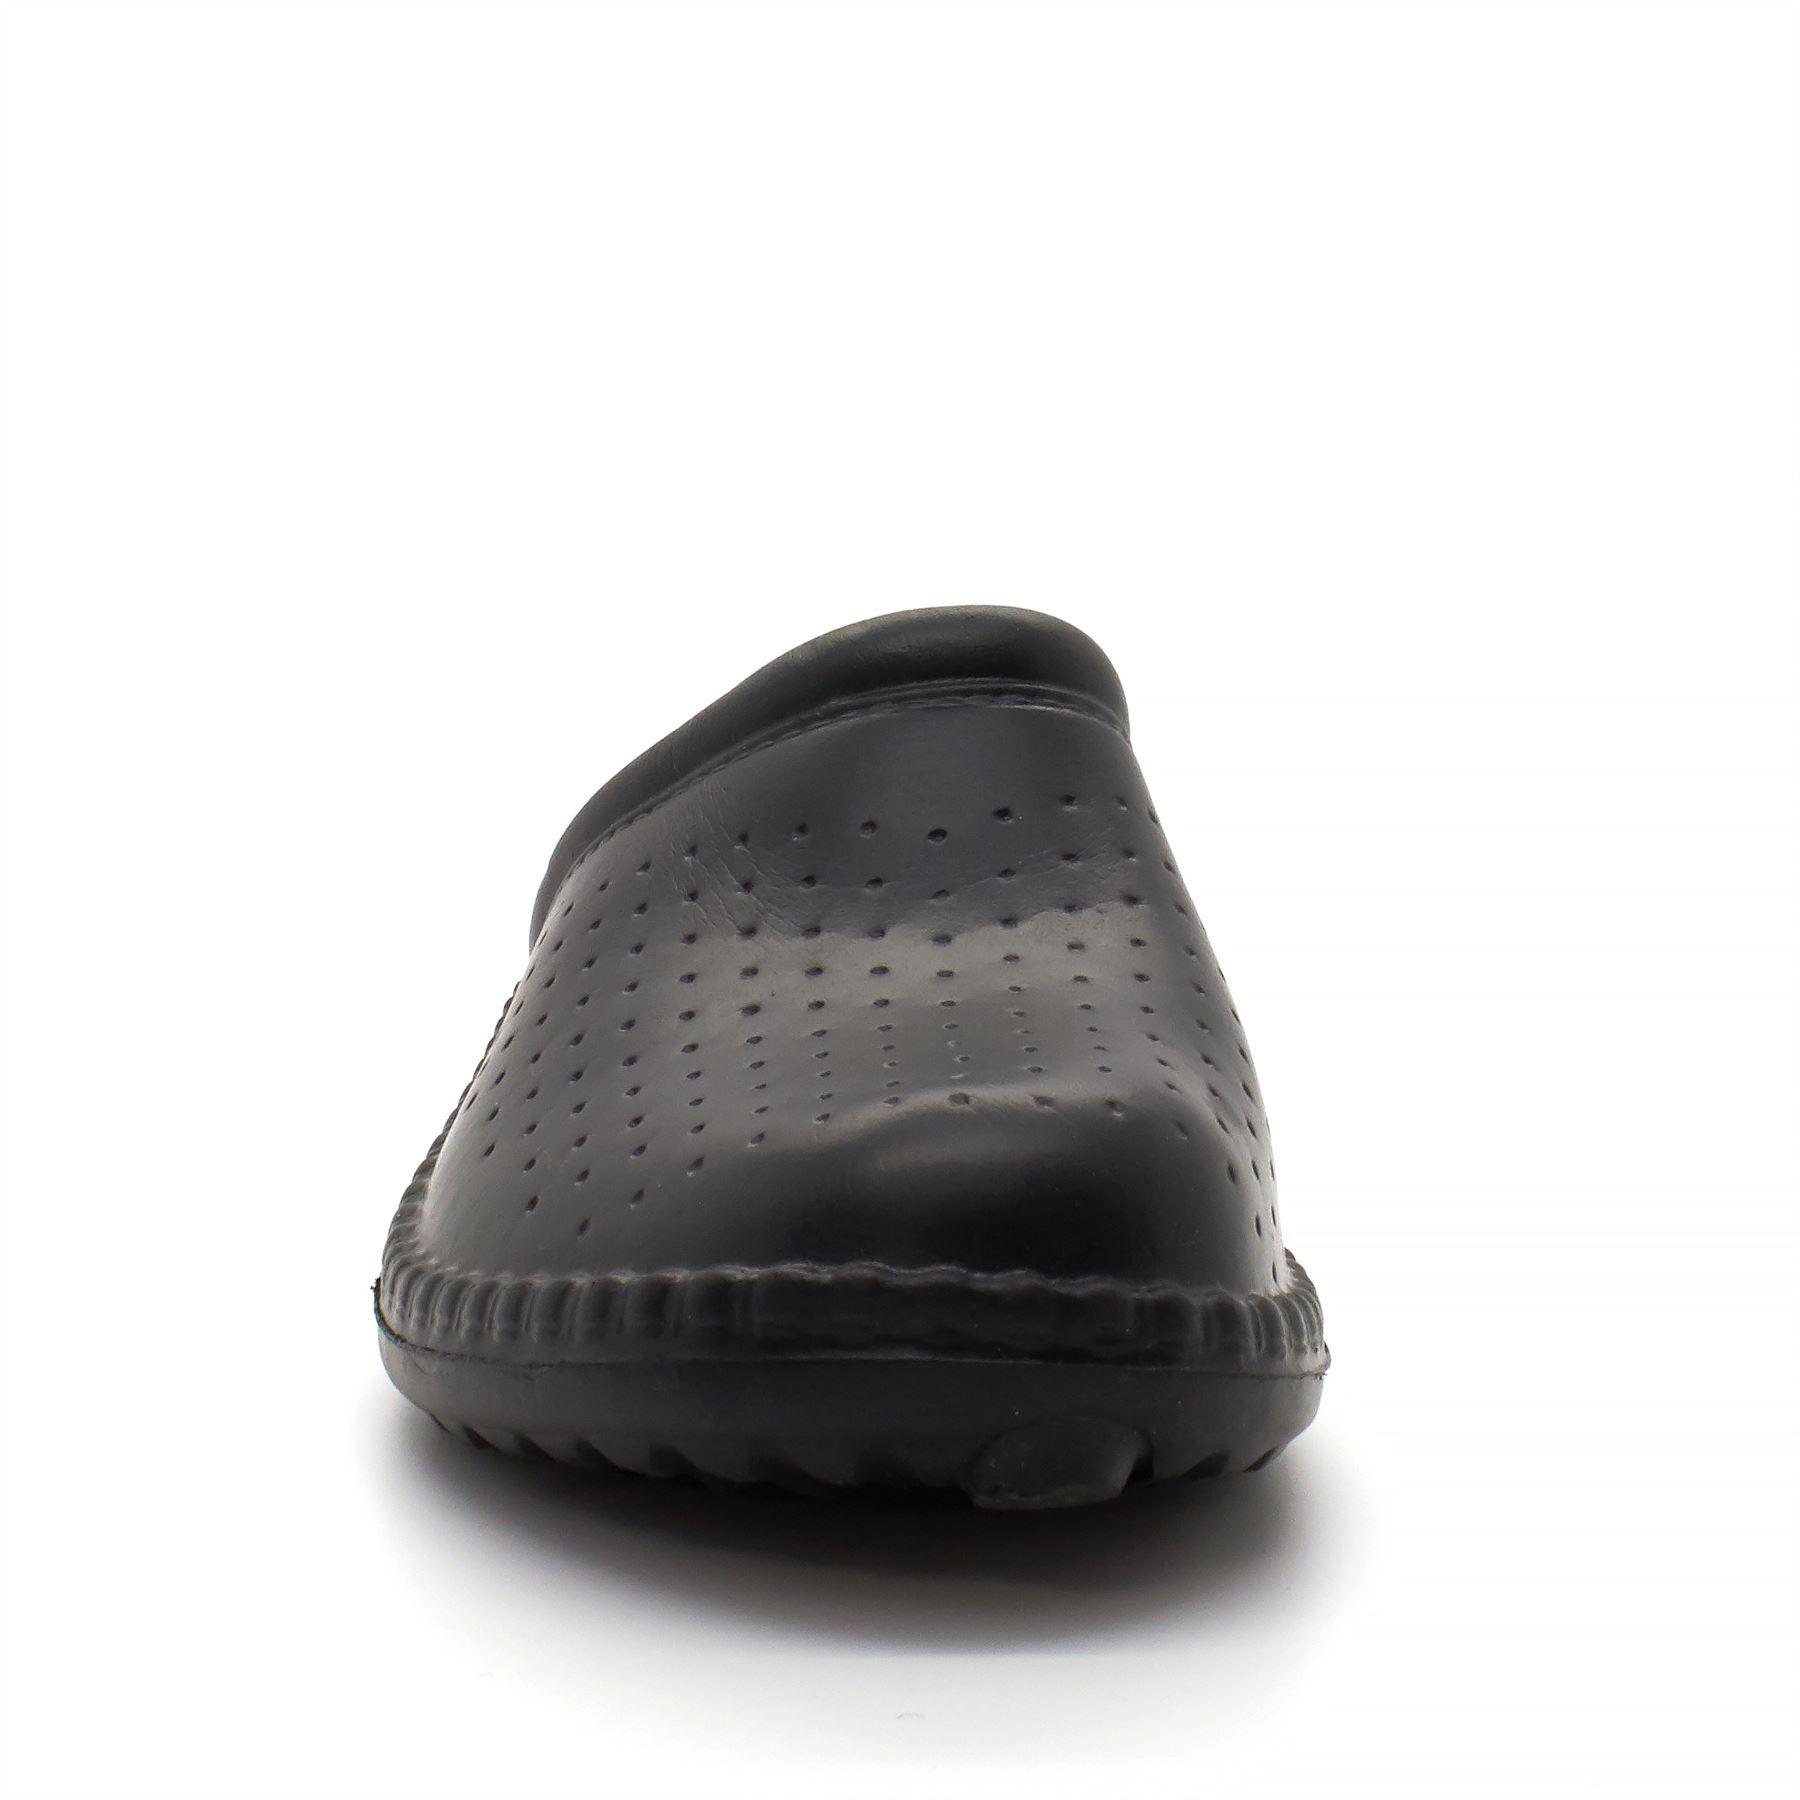 Nuevas Sandalias de Mujer Zuecos Damas Jardín Hospital Enfermera Zapatos Playa Cocina Reino Unido 3-8